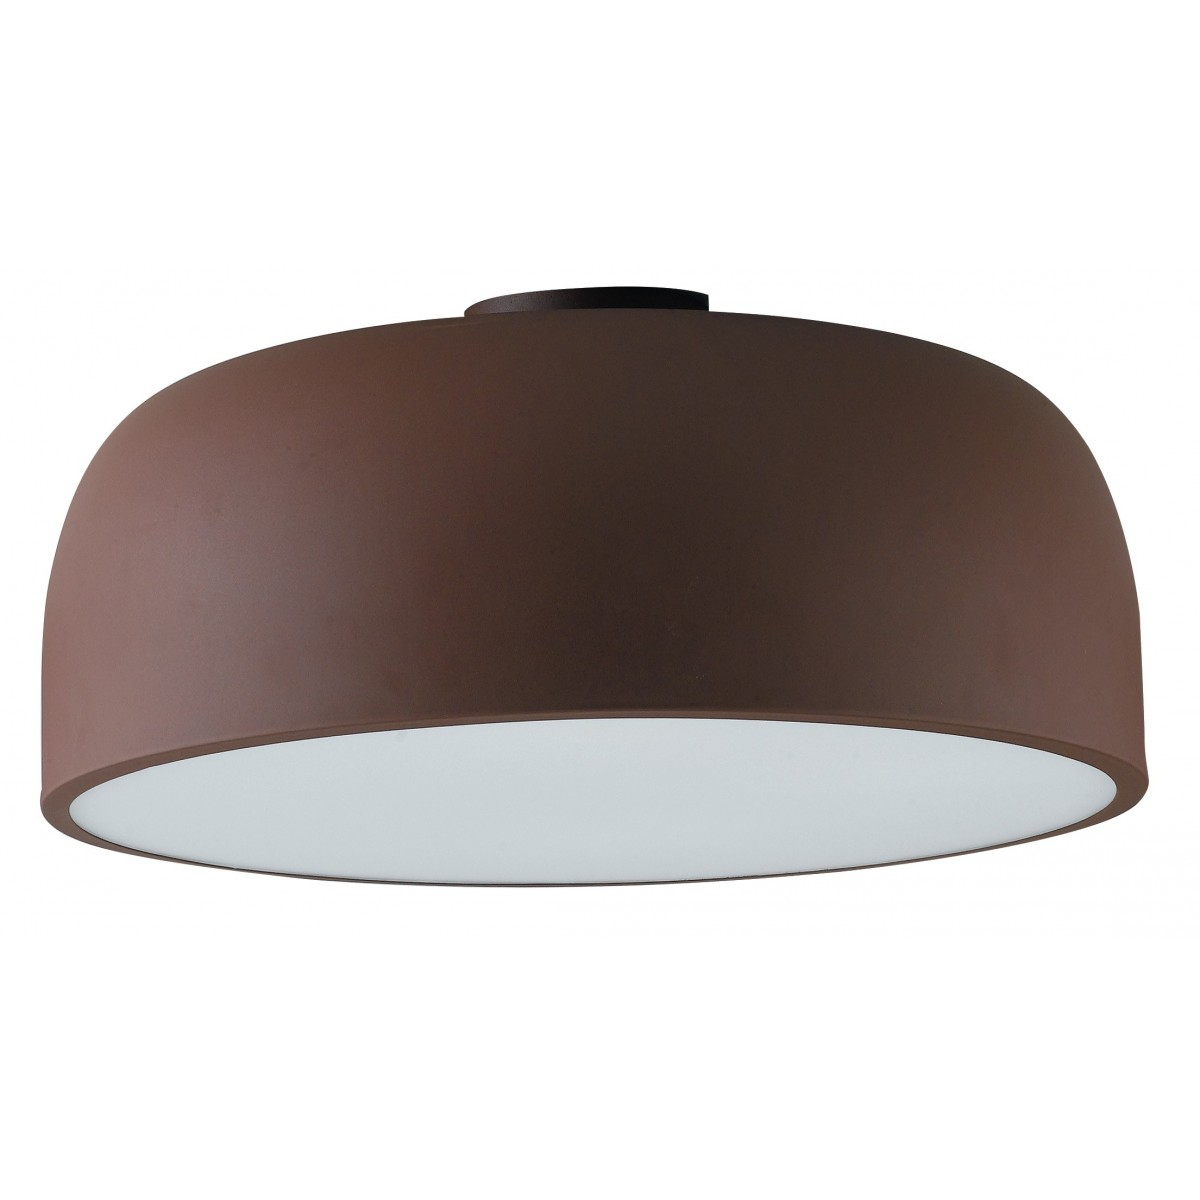 Plafoniera Design Moderno Camera Da Letto.Plafoniera Lampada Da Soffitto Bistrot Design Moderno Colore